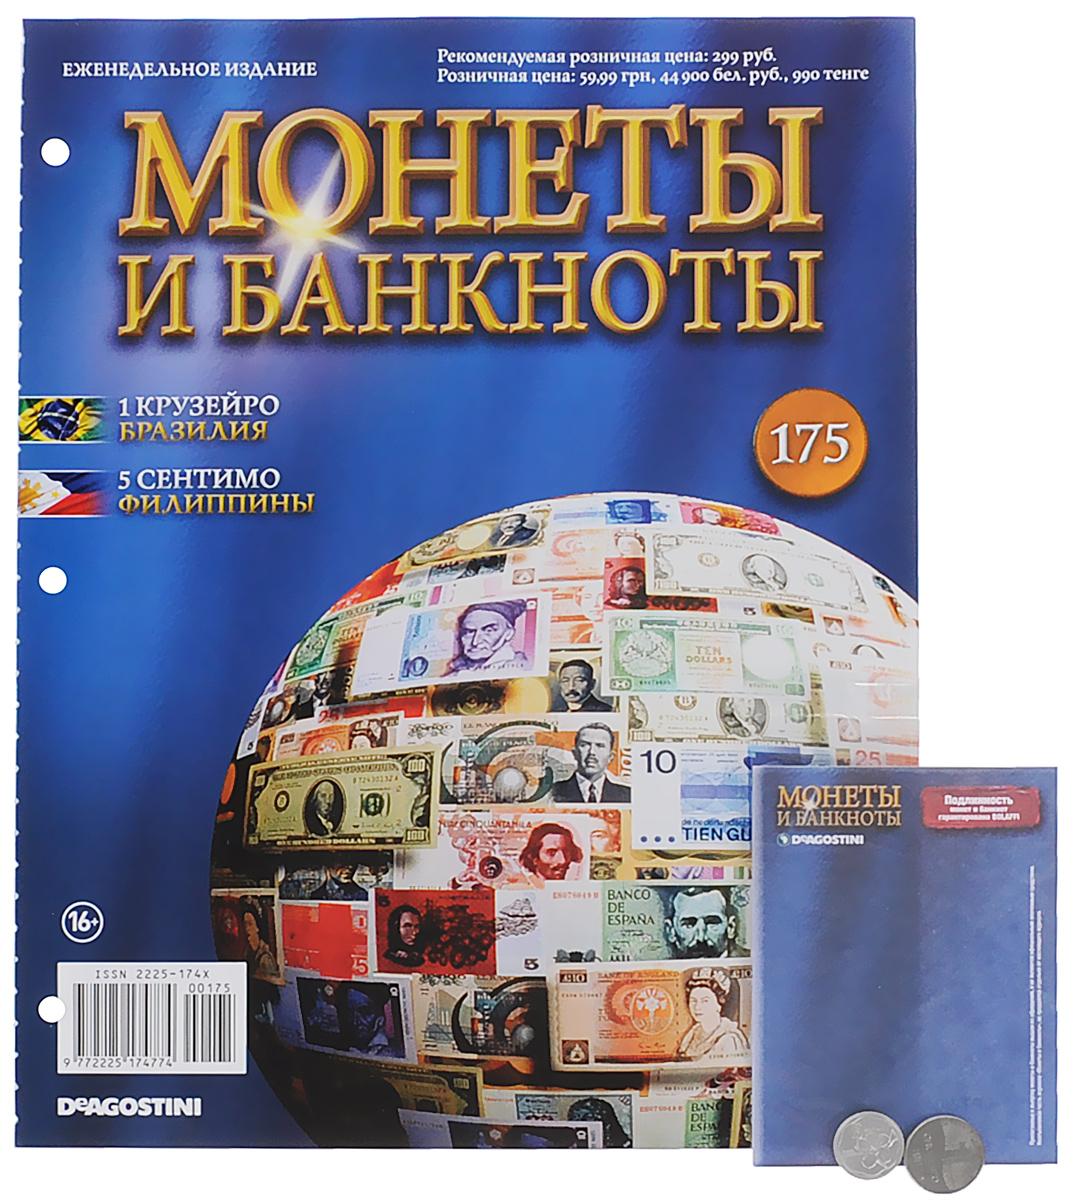 Журнал Монеты и банкноты №175 монеты в сургуте я продаю